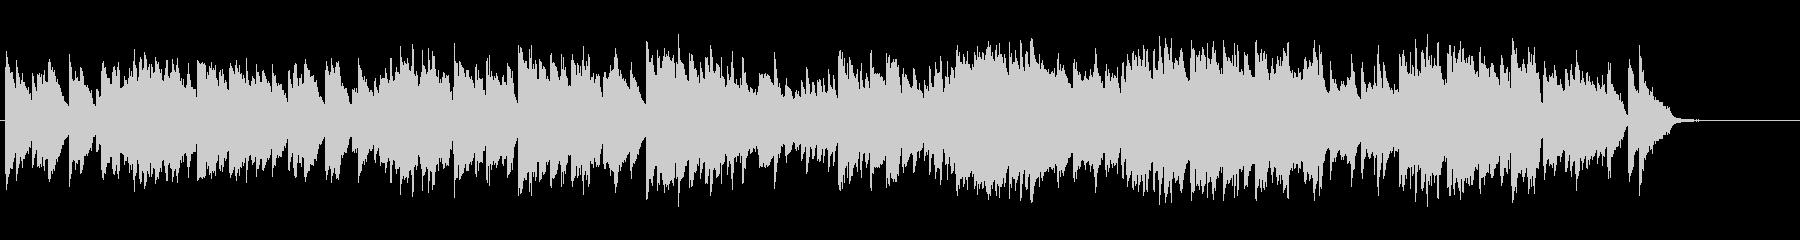 流れる様にメロディーが進んでいくピアノ曲の未再生の波形